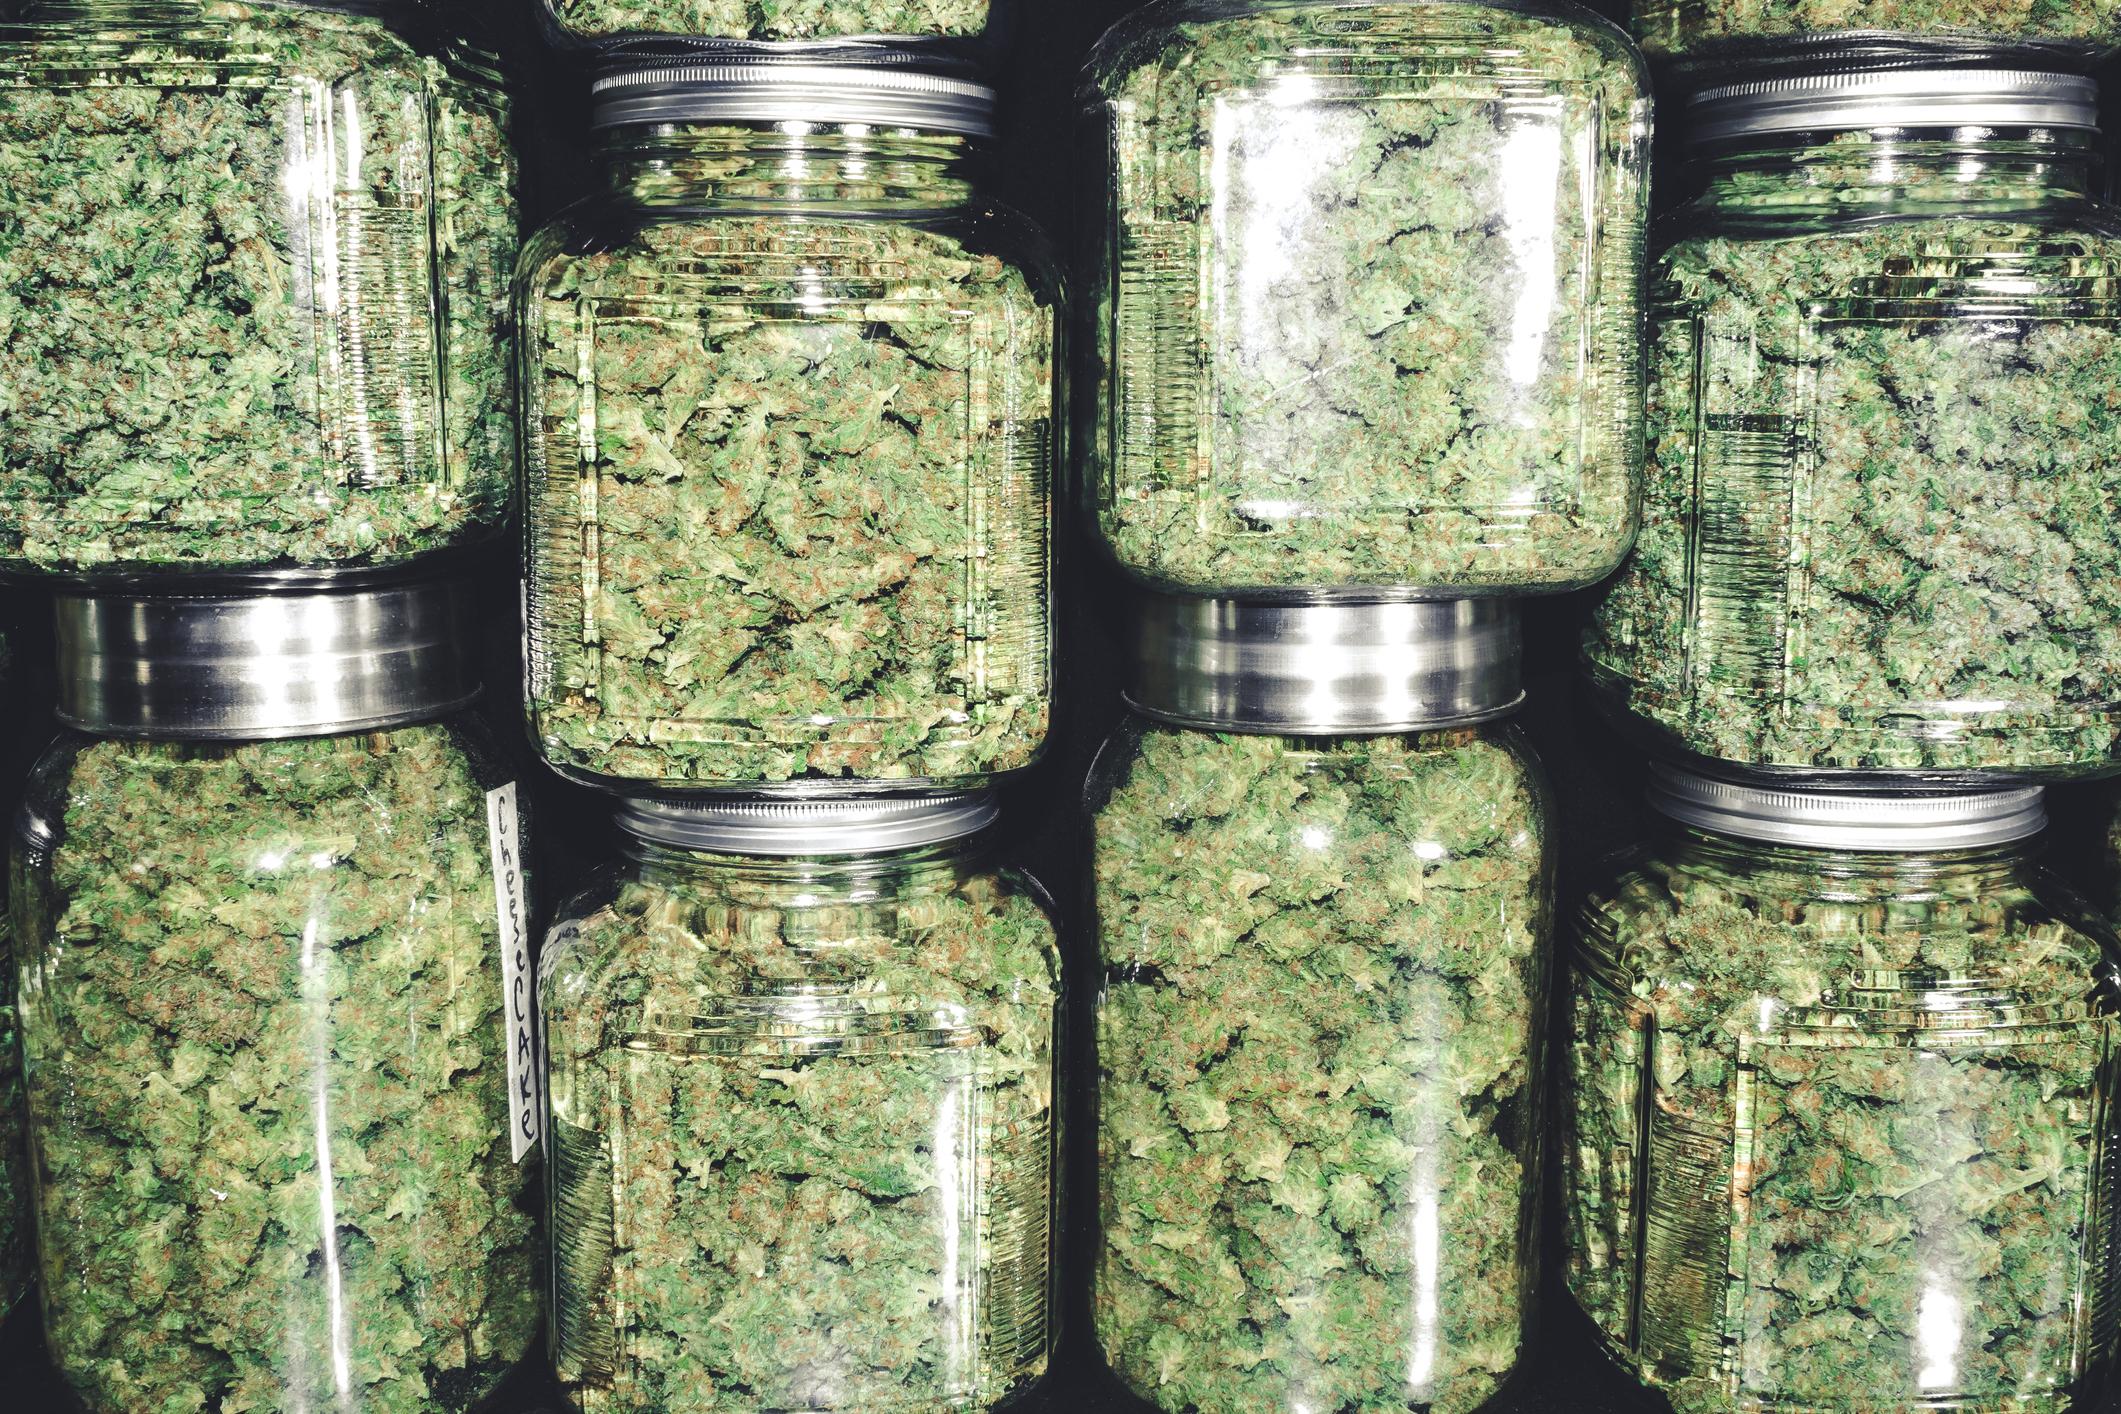 Stacked mason jars full of marijuana.